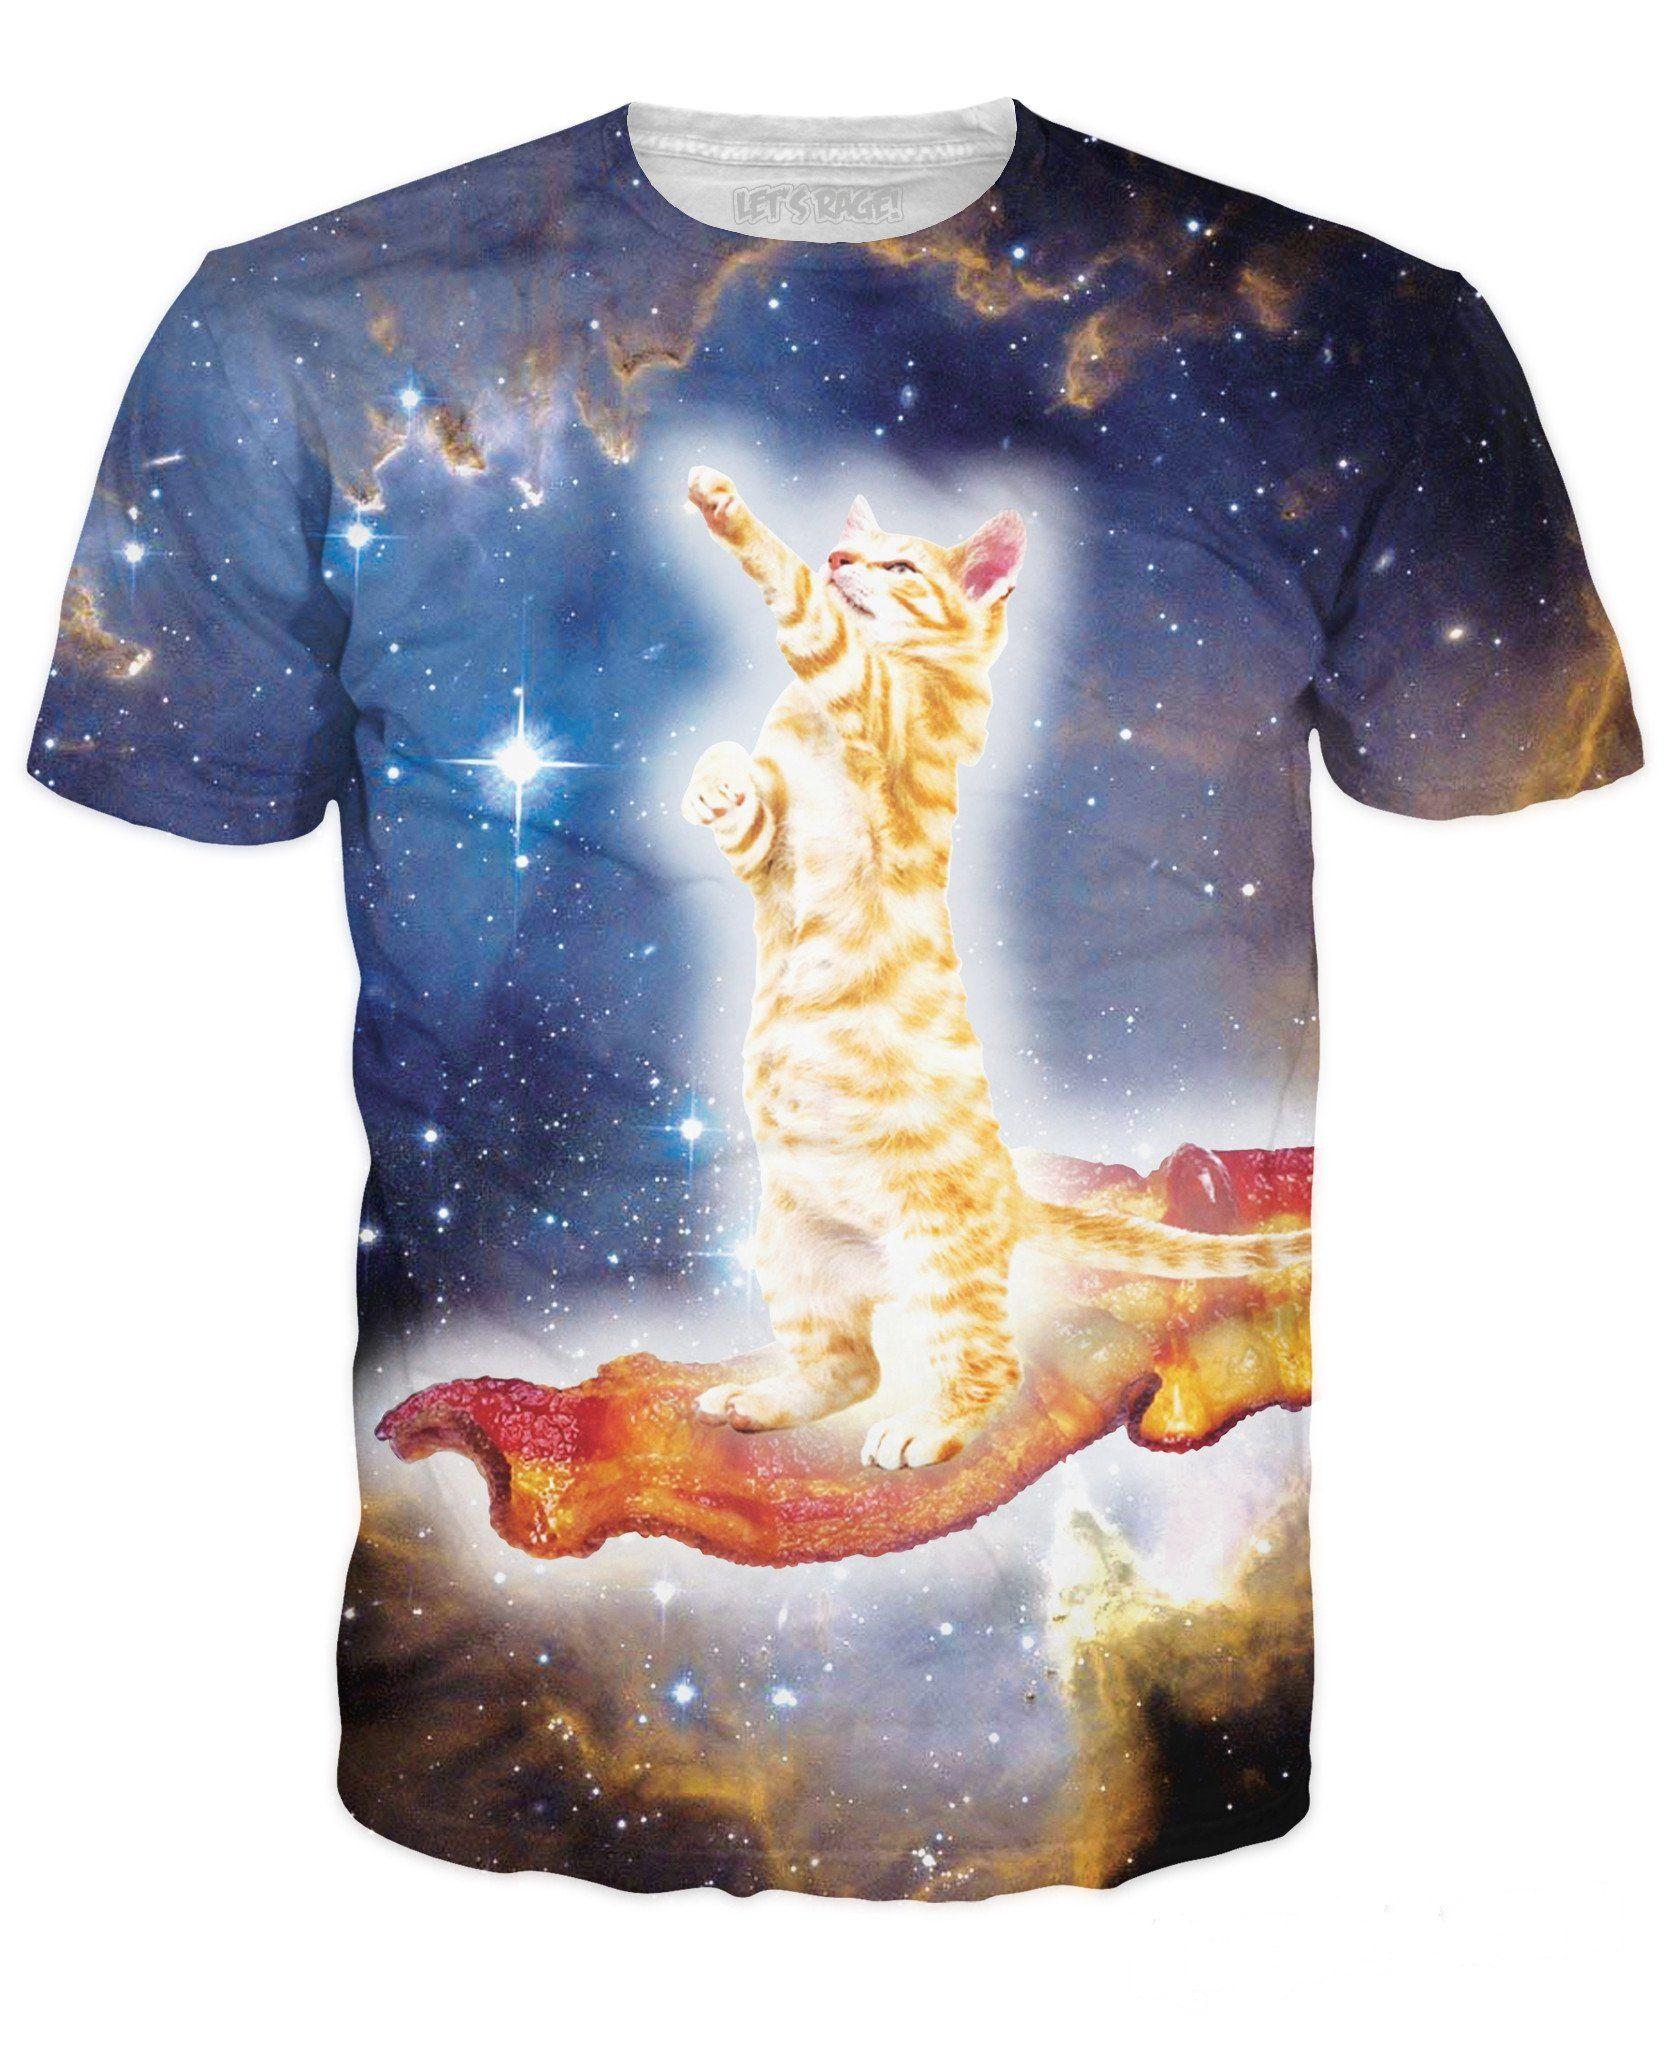 Bacon Cat T Shirt Casual T Shirts Galaxy T Shirt Cartoon T Shirts